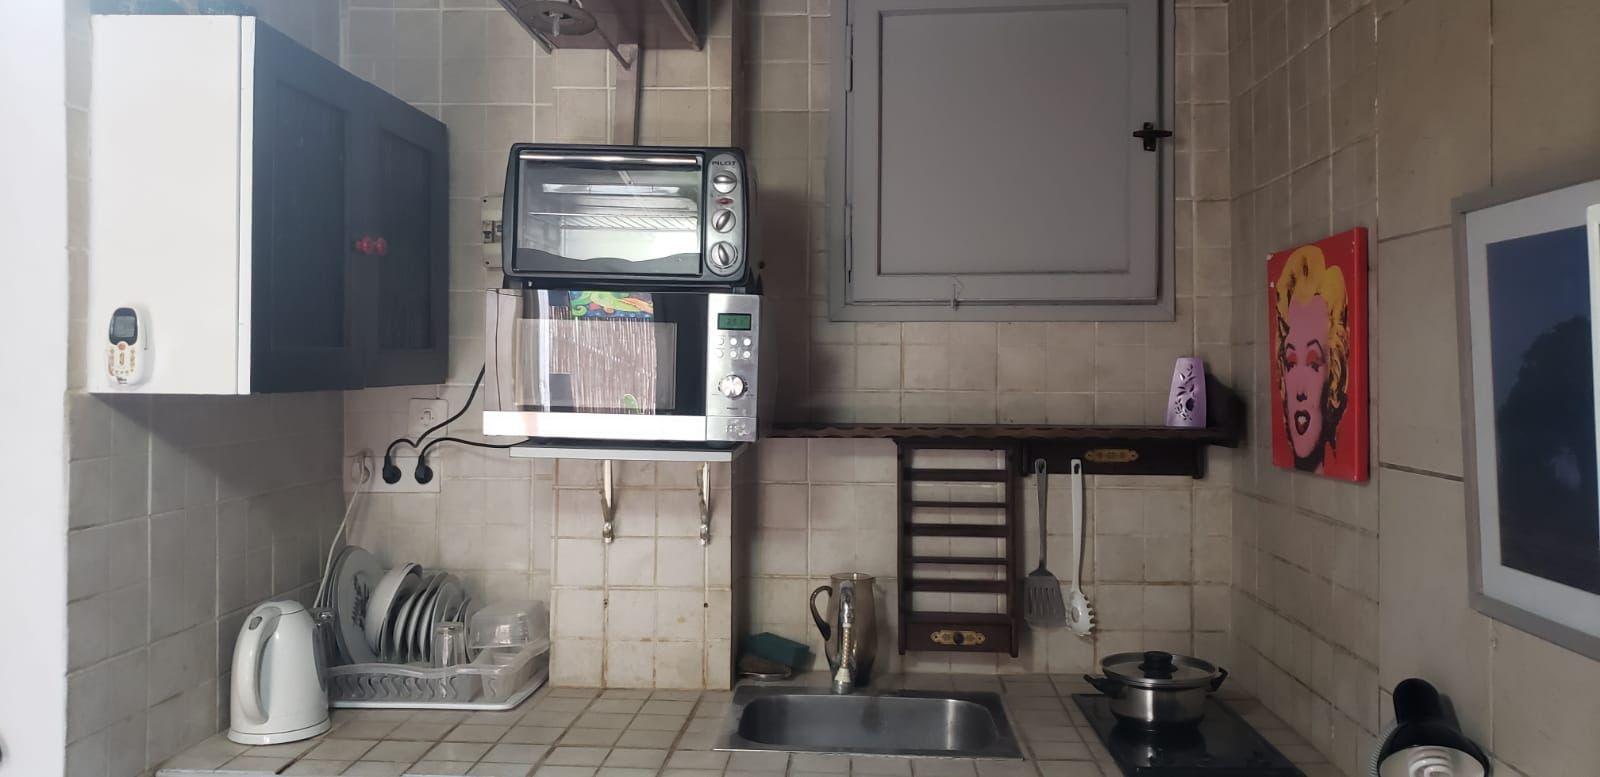 תמונה 1 ,דירה 1 חדרים גאולה כרם התימנים תל אביב יפו